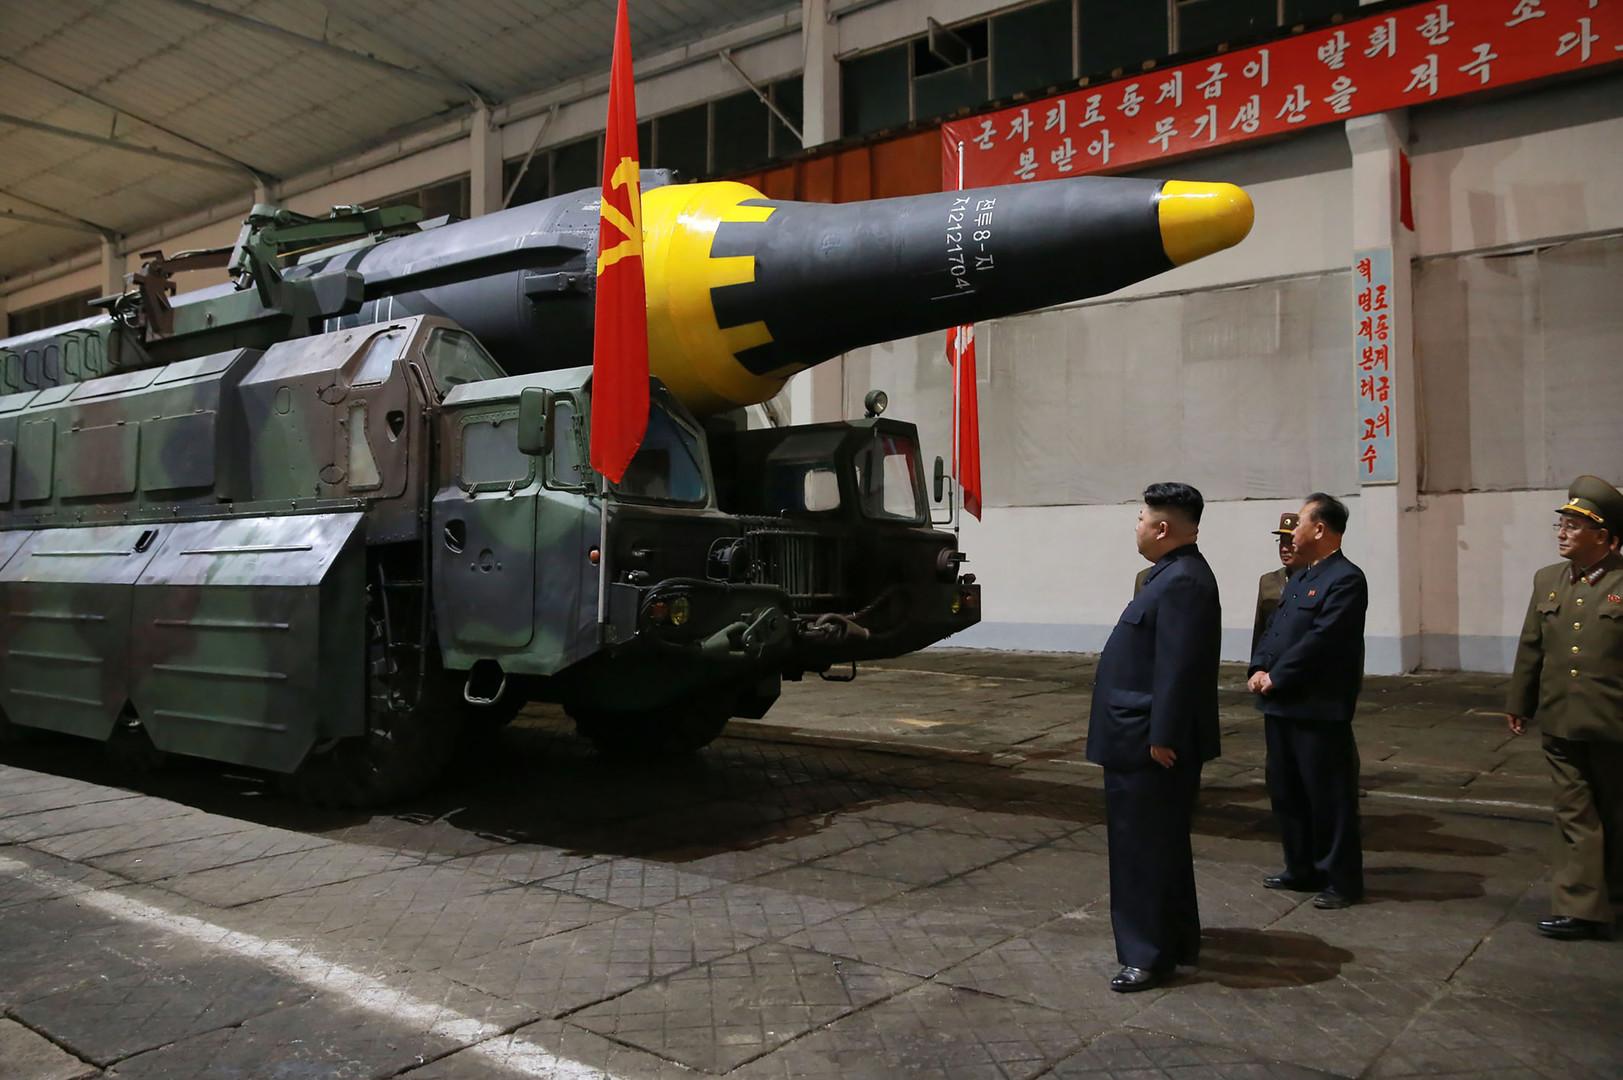 الجيش الأمريكي يتخوف من ذراع كوريا الشمالية الطويلة